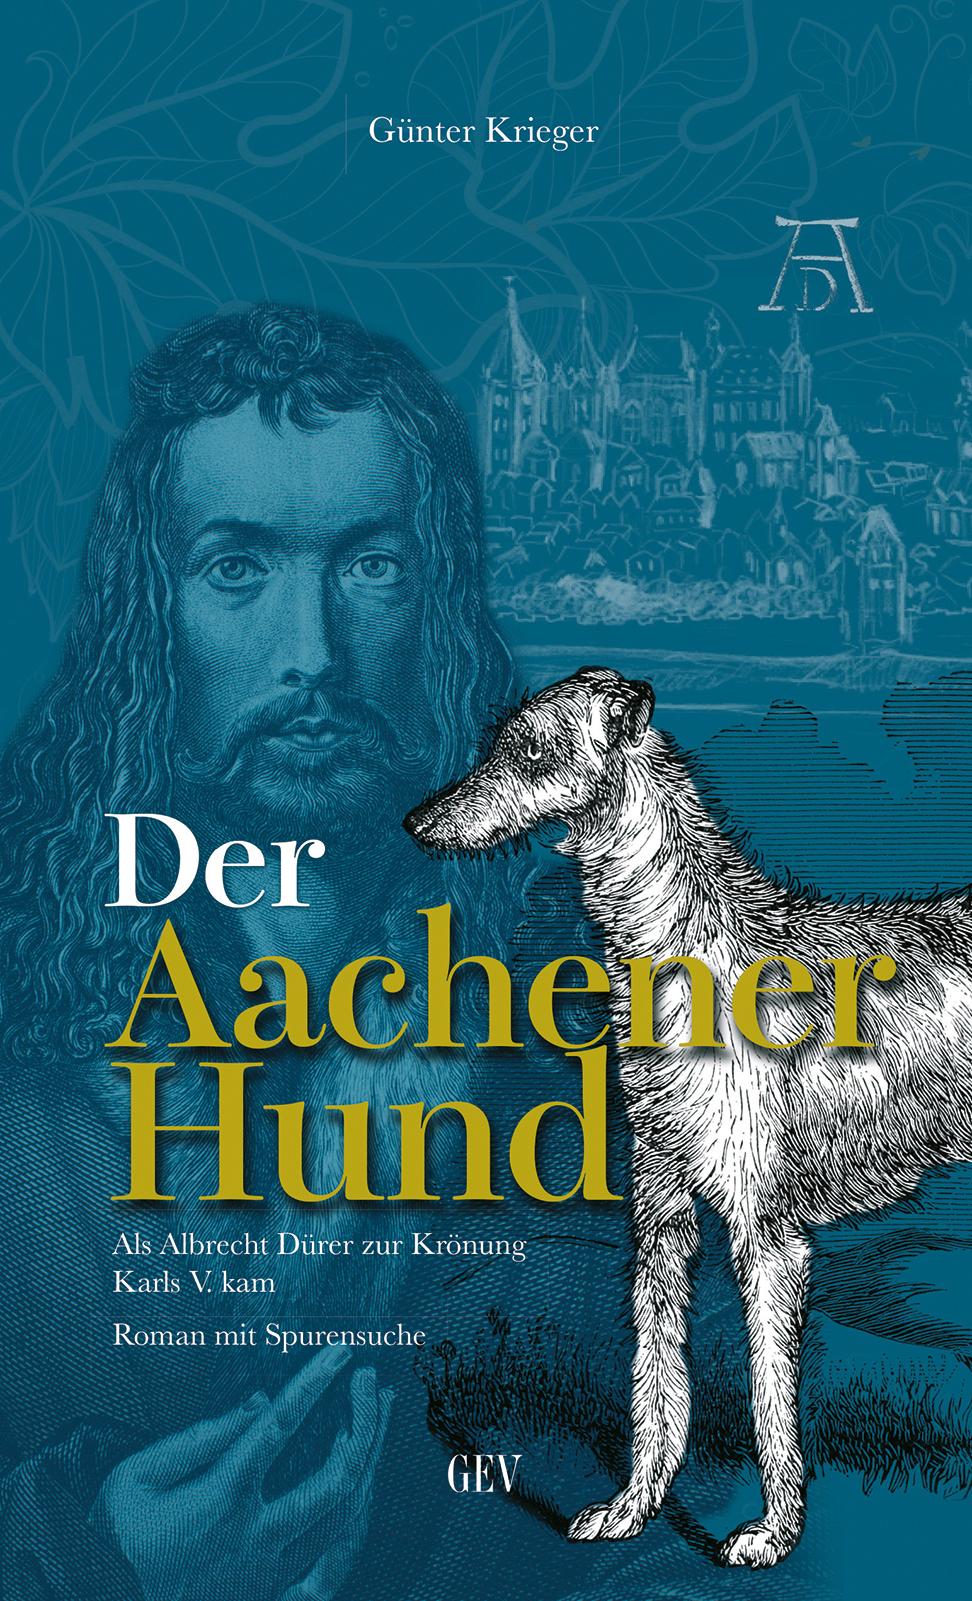 Der Aachener Hund